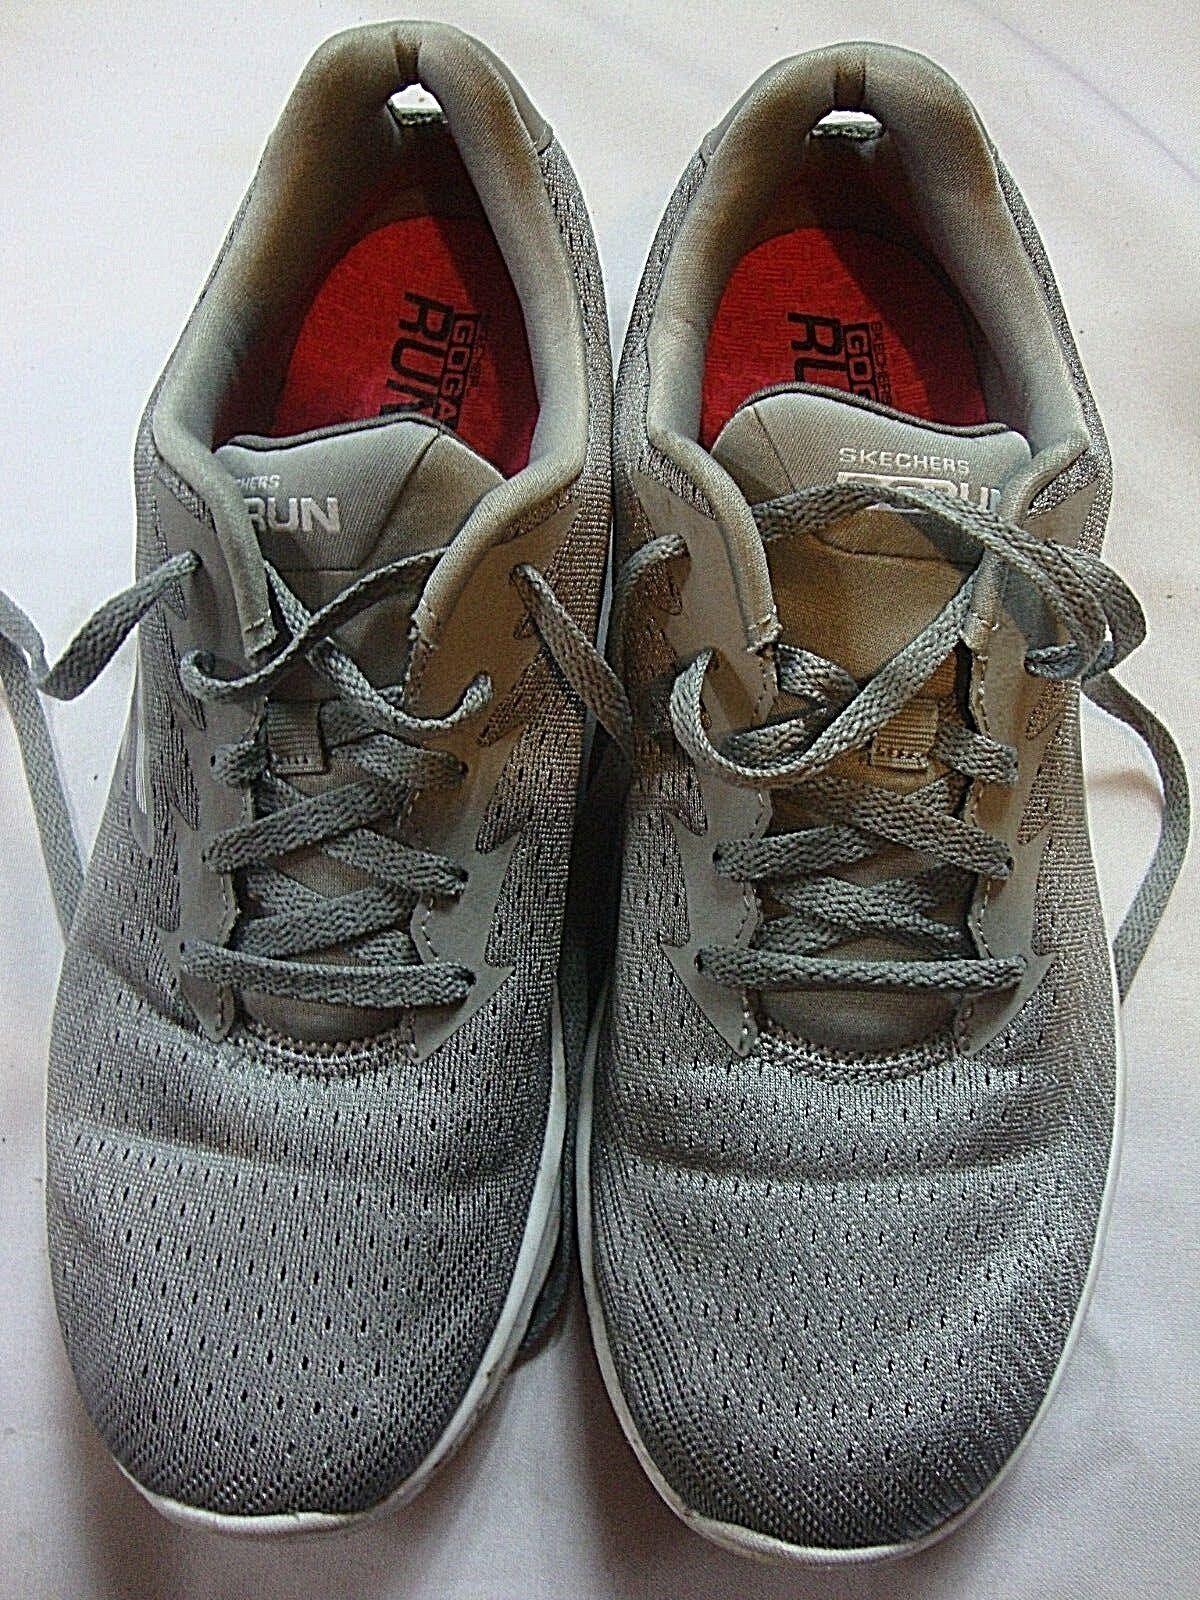 Skechers Quick Fit GOGA Run Gray Pink Running Schuhes Damenschuhe USA Größe 11 EUR 41